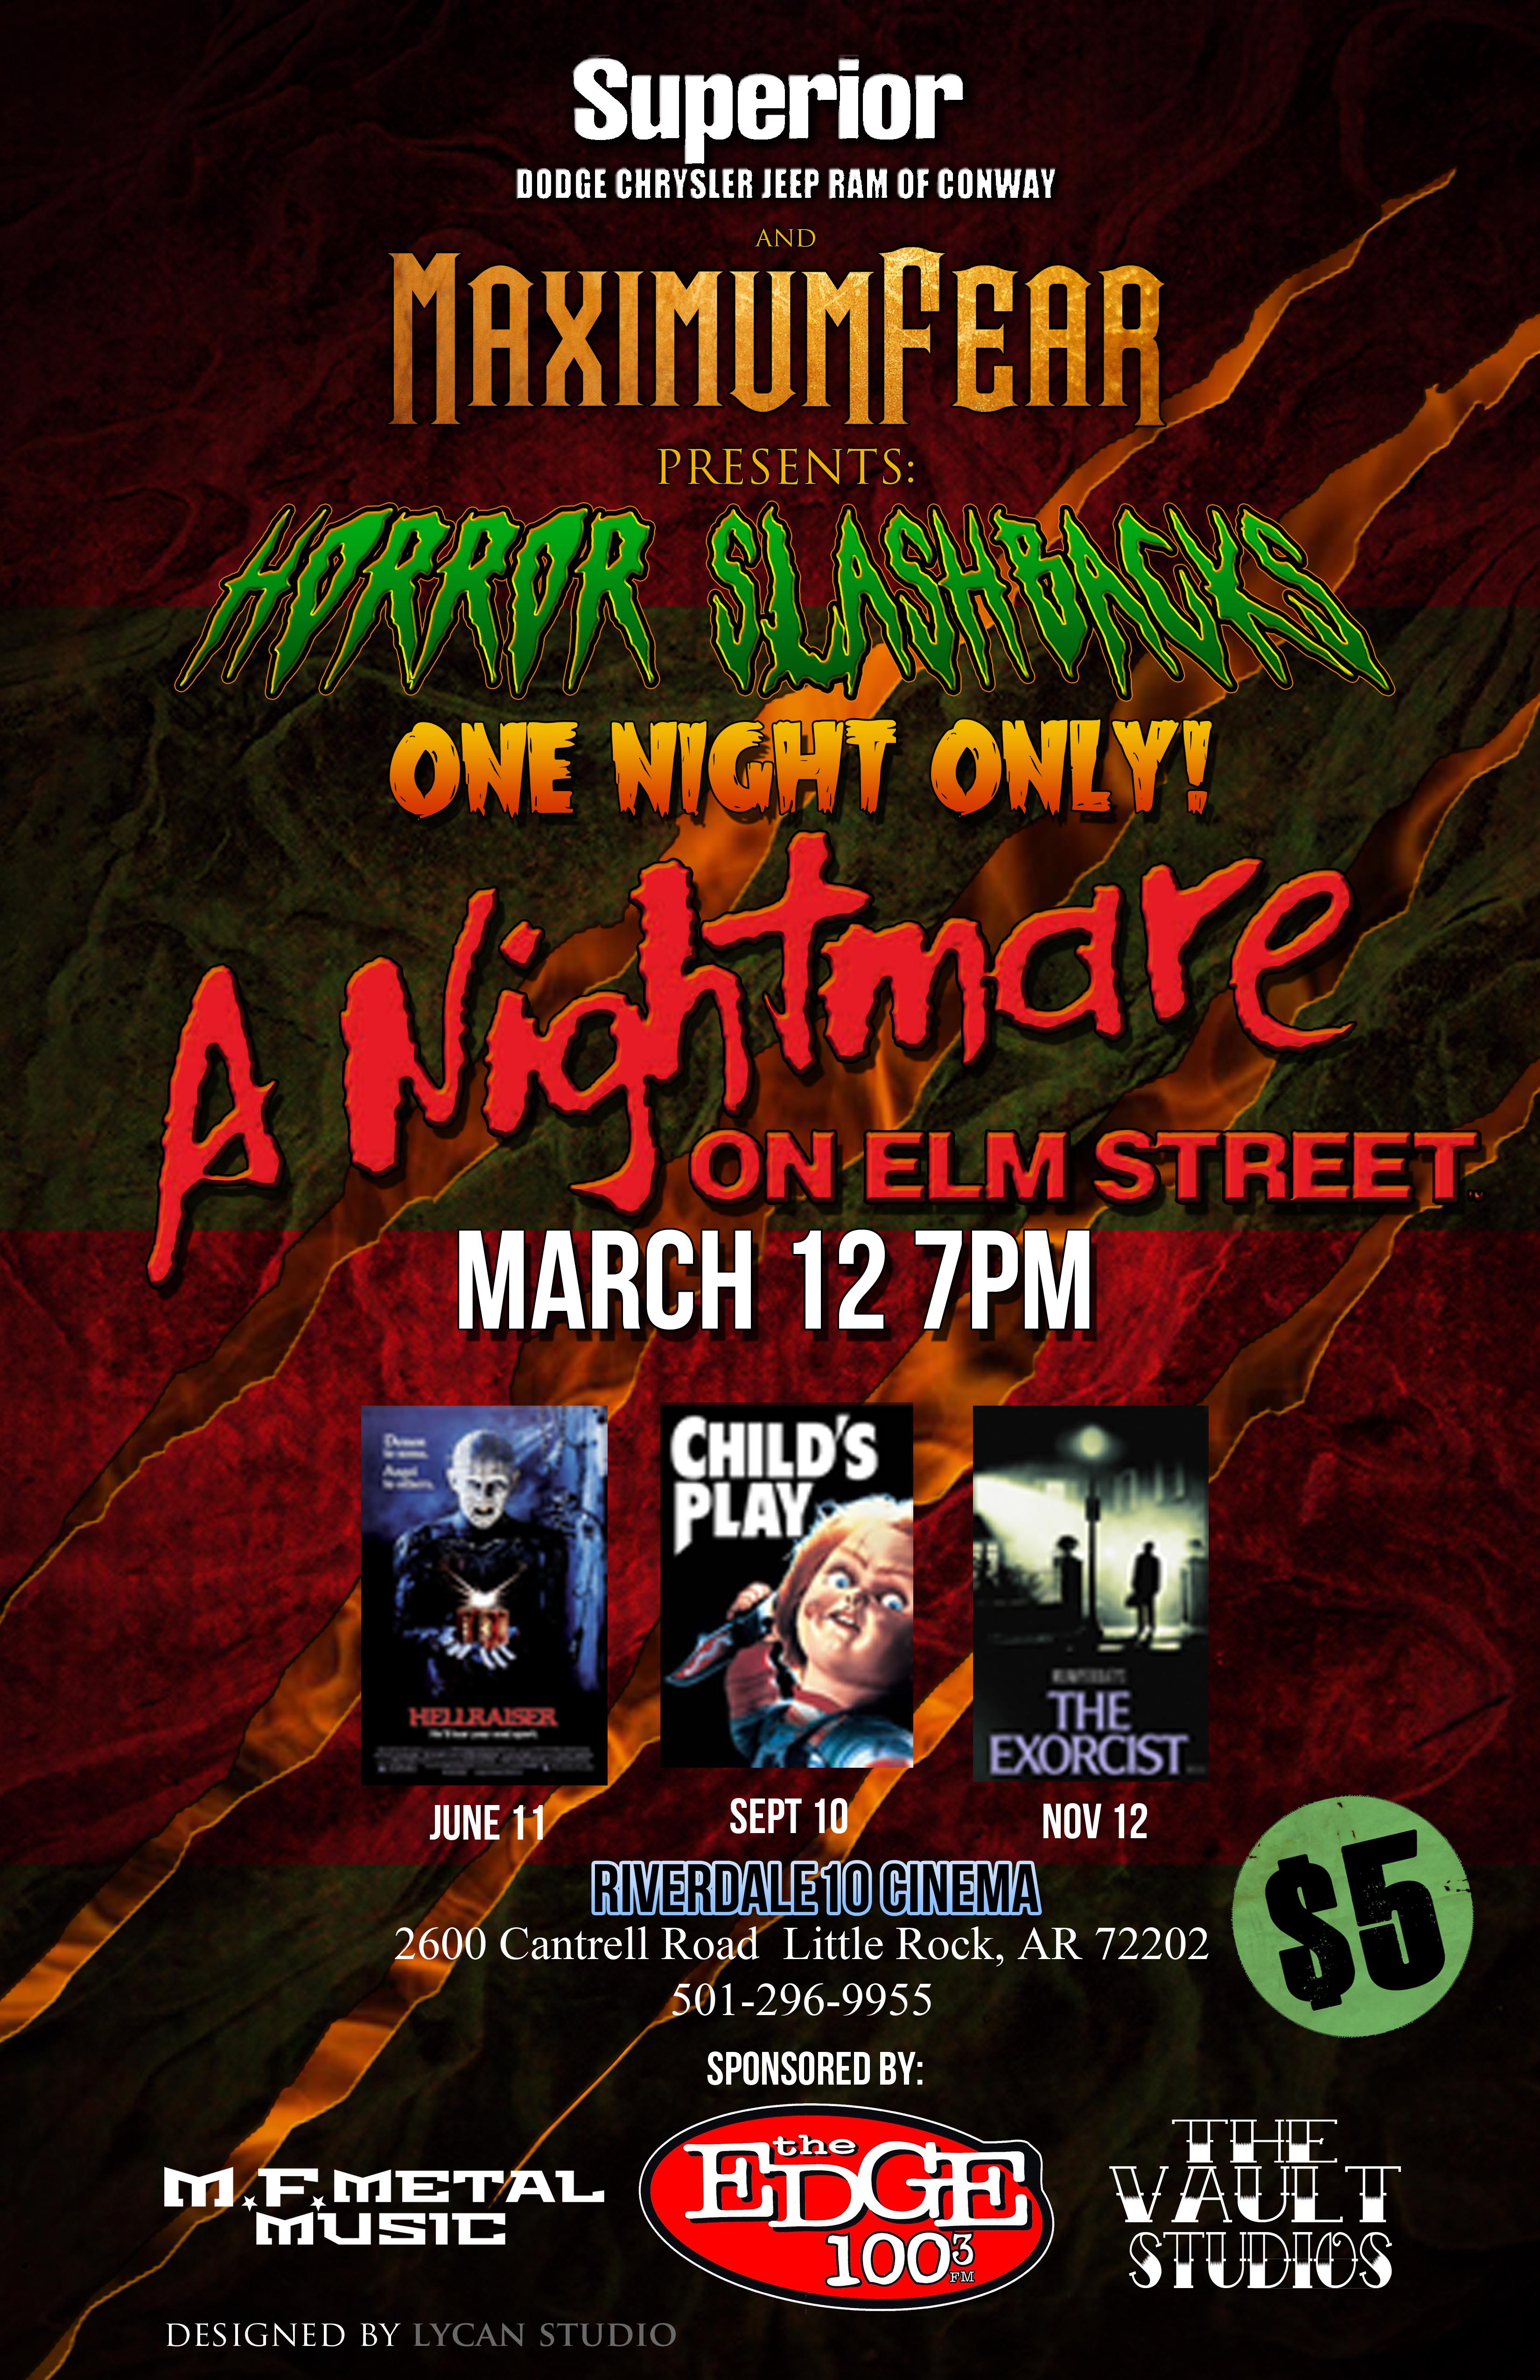 03/12/15 - A Nightmare On Elm Street